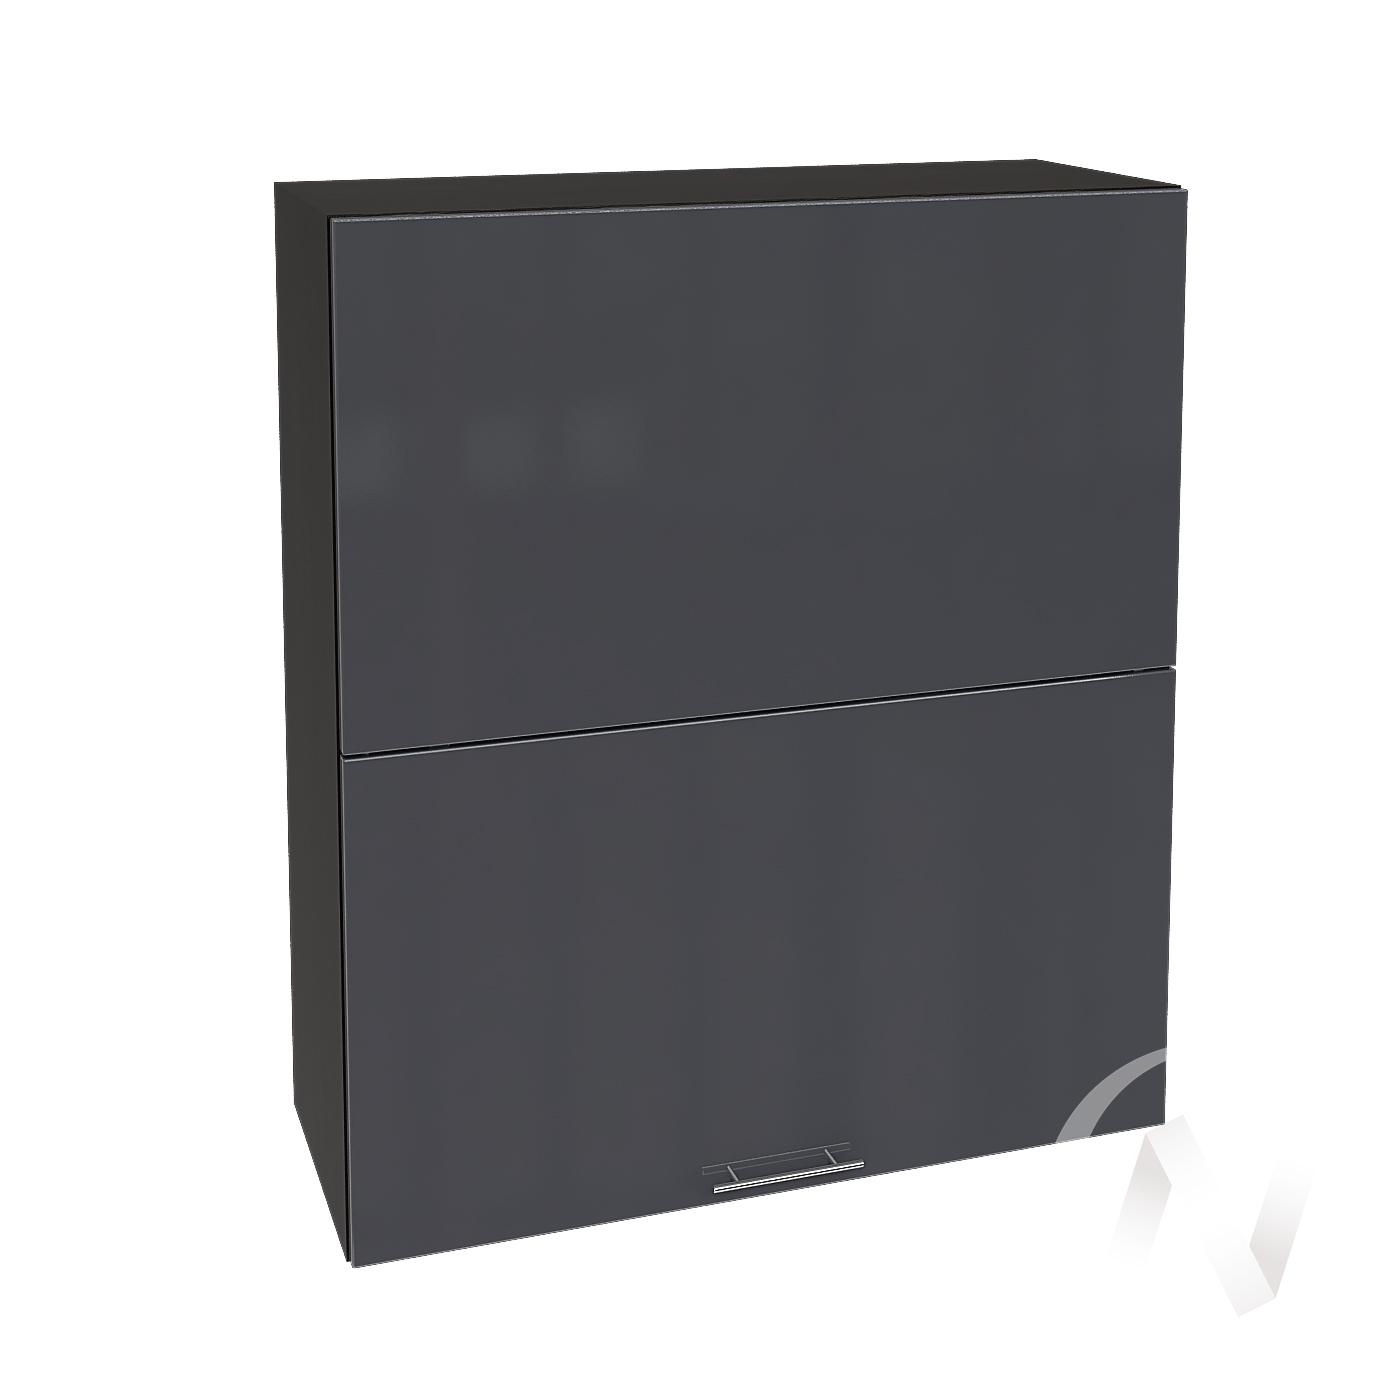 """Кухня """"Валерия-М"""": Шкаф верхний горизонтальный 802, ШВГ 802 (Антрацит глянец/корпус венге)"""